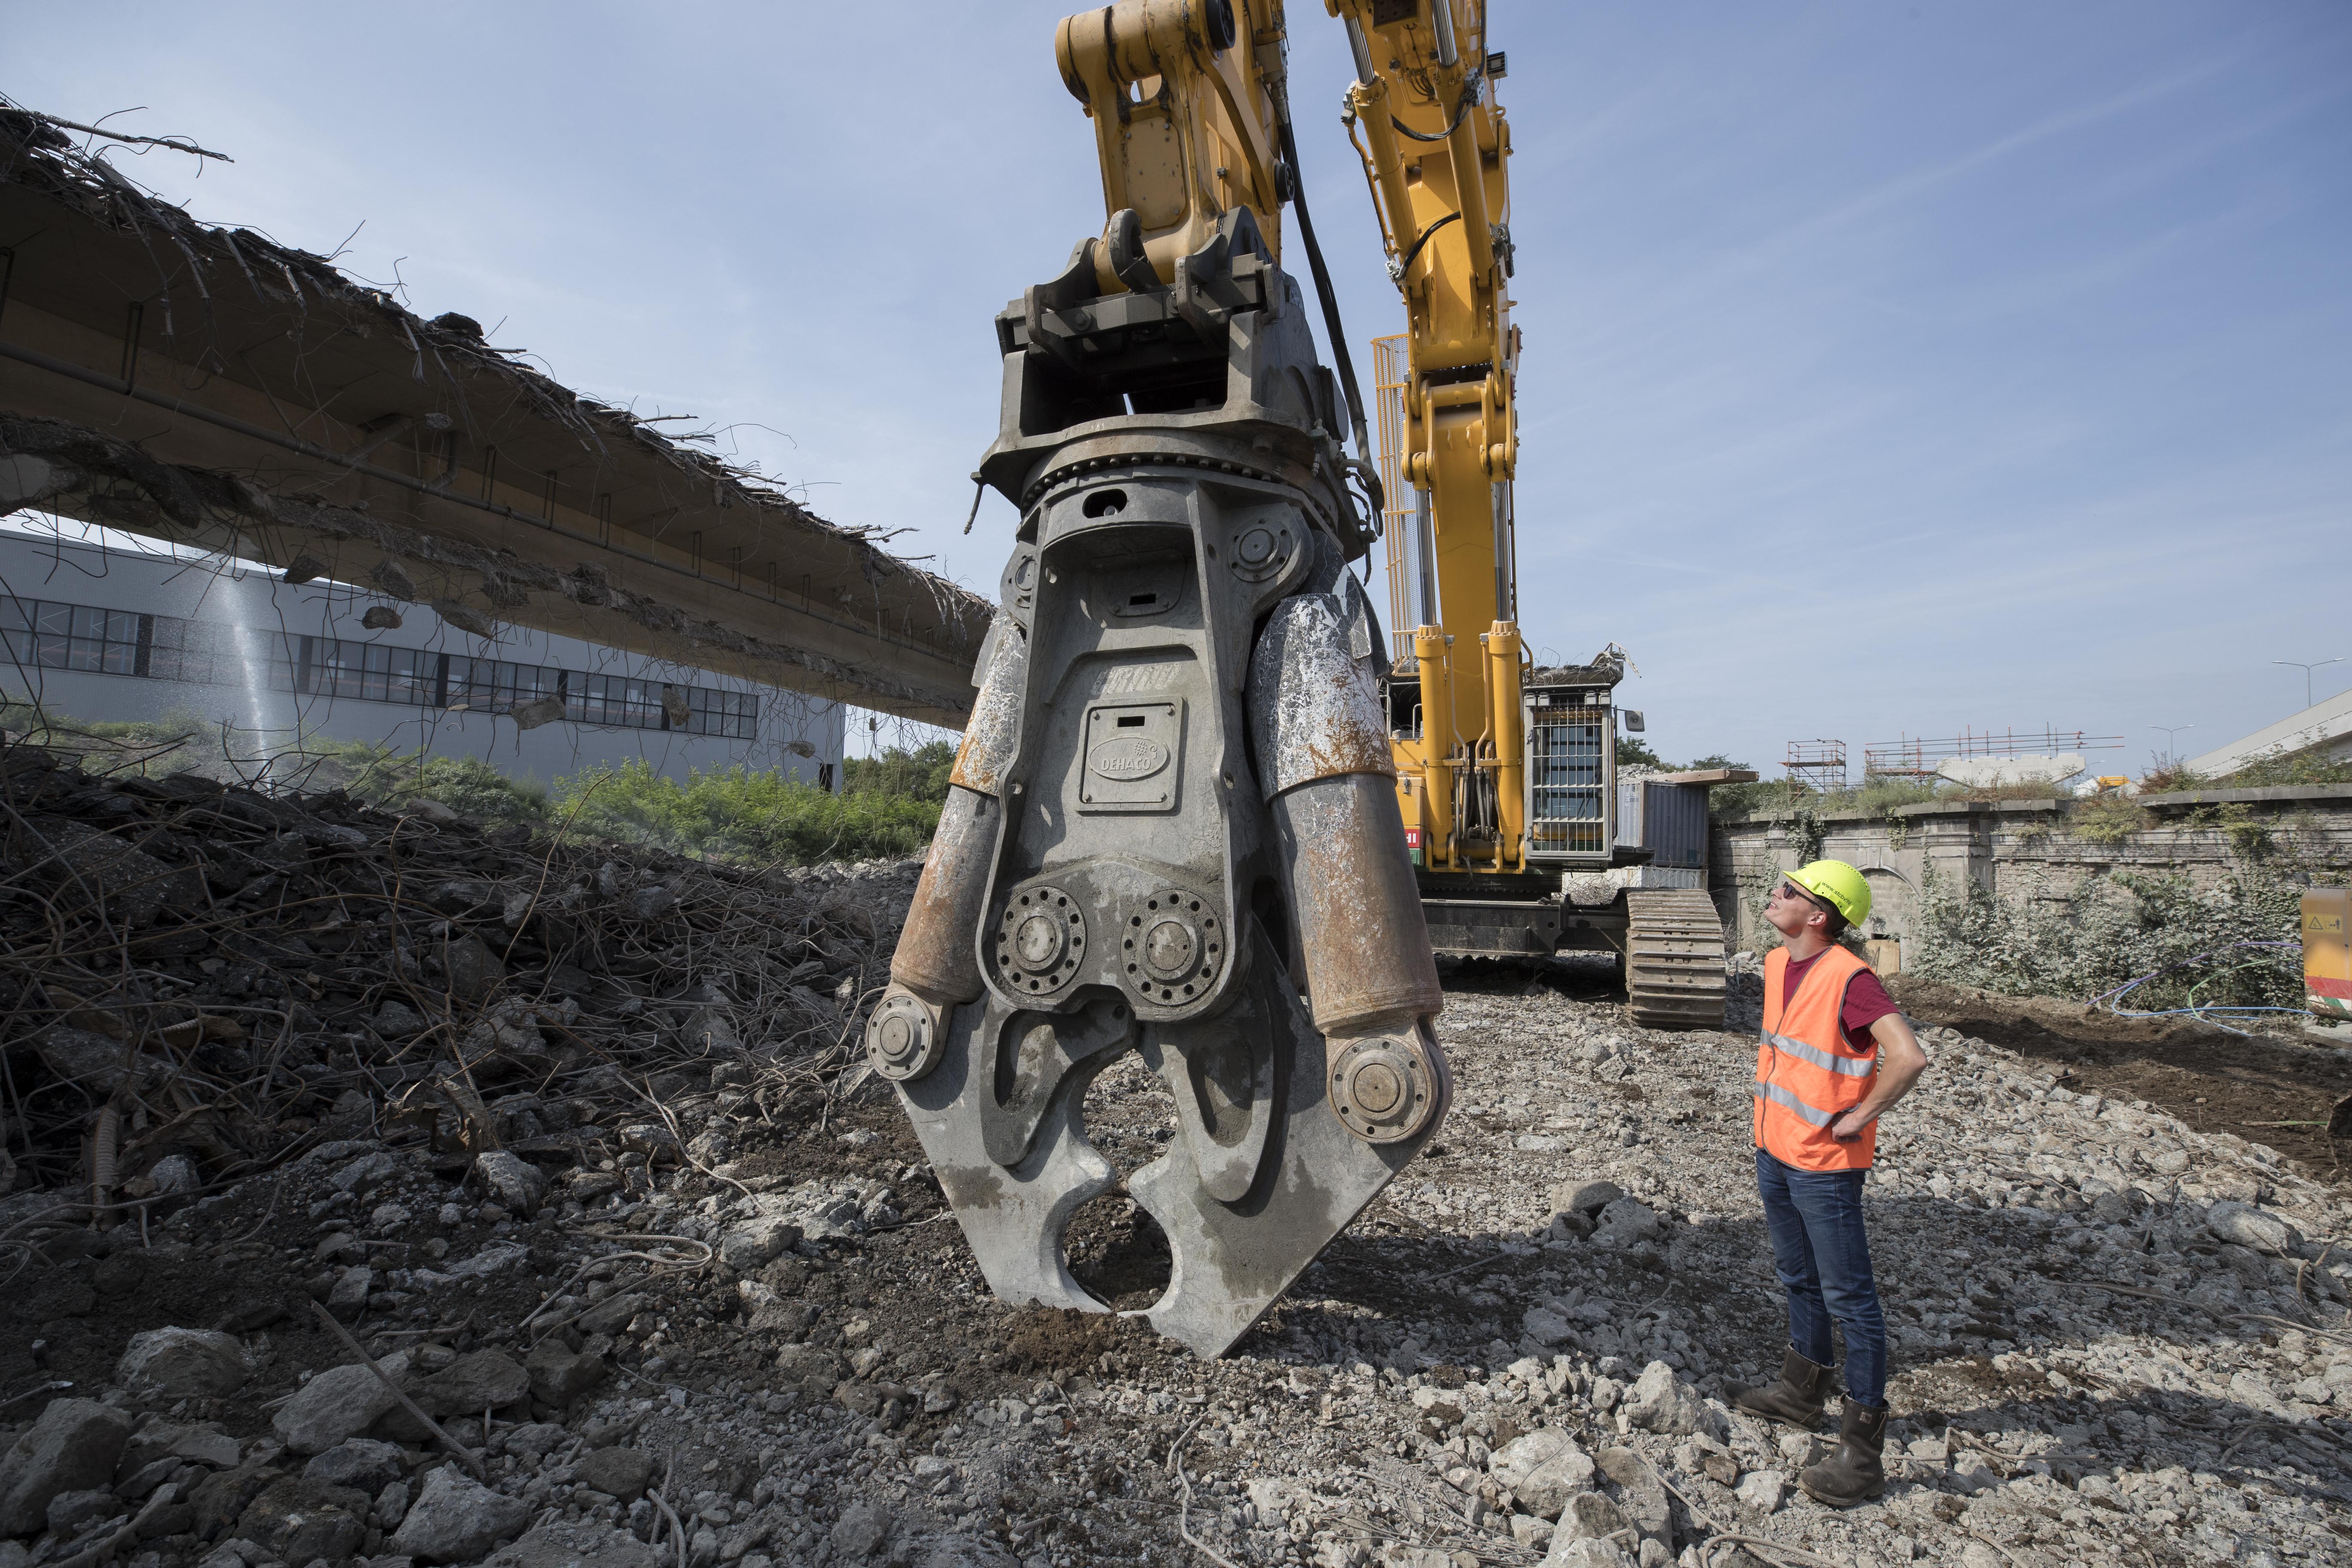 <p>TristanSwaninkvan STC Coevorden naast de doorDehacogeleverdeCR100R betonschaar. Dit uitrustingsstuk weegt bijna 12 ton, heeft een sluitkracht van 400 ton een bekopening van 2 meter.</p>